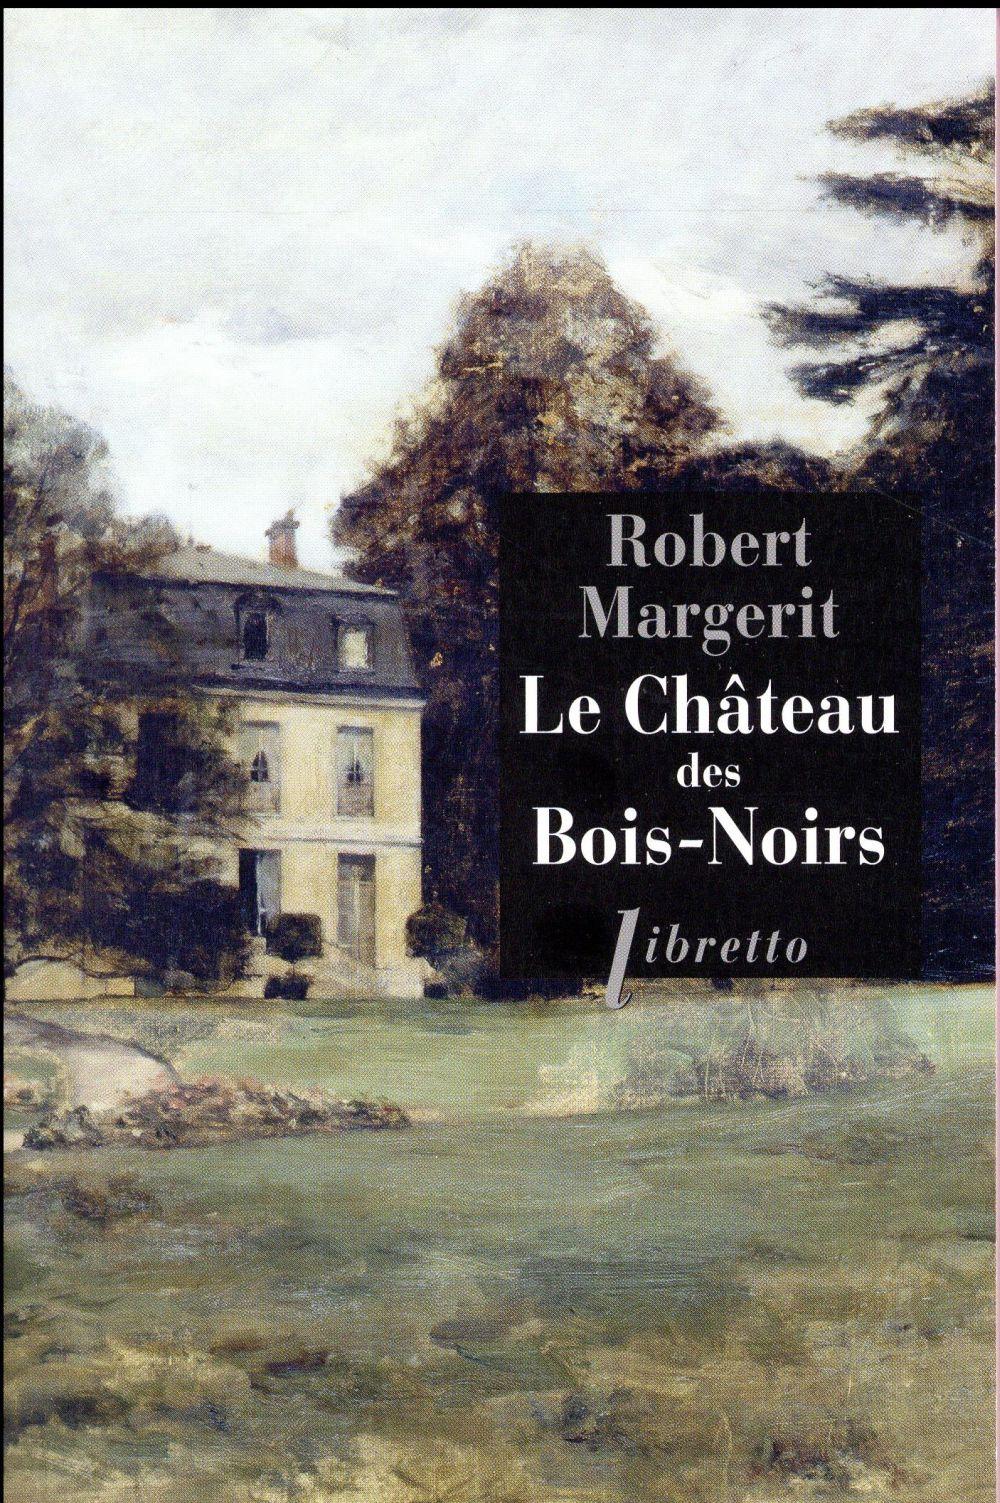 LE CHATEAU DES BOIS-NOIRS Margerit Robert Libretto